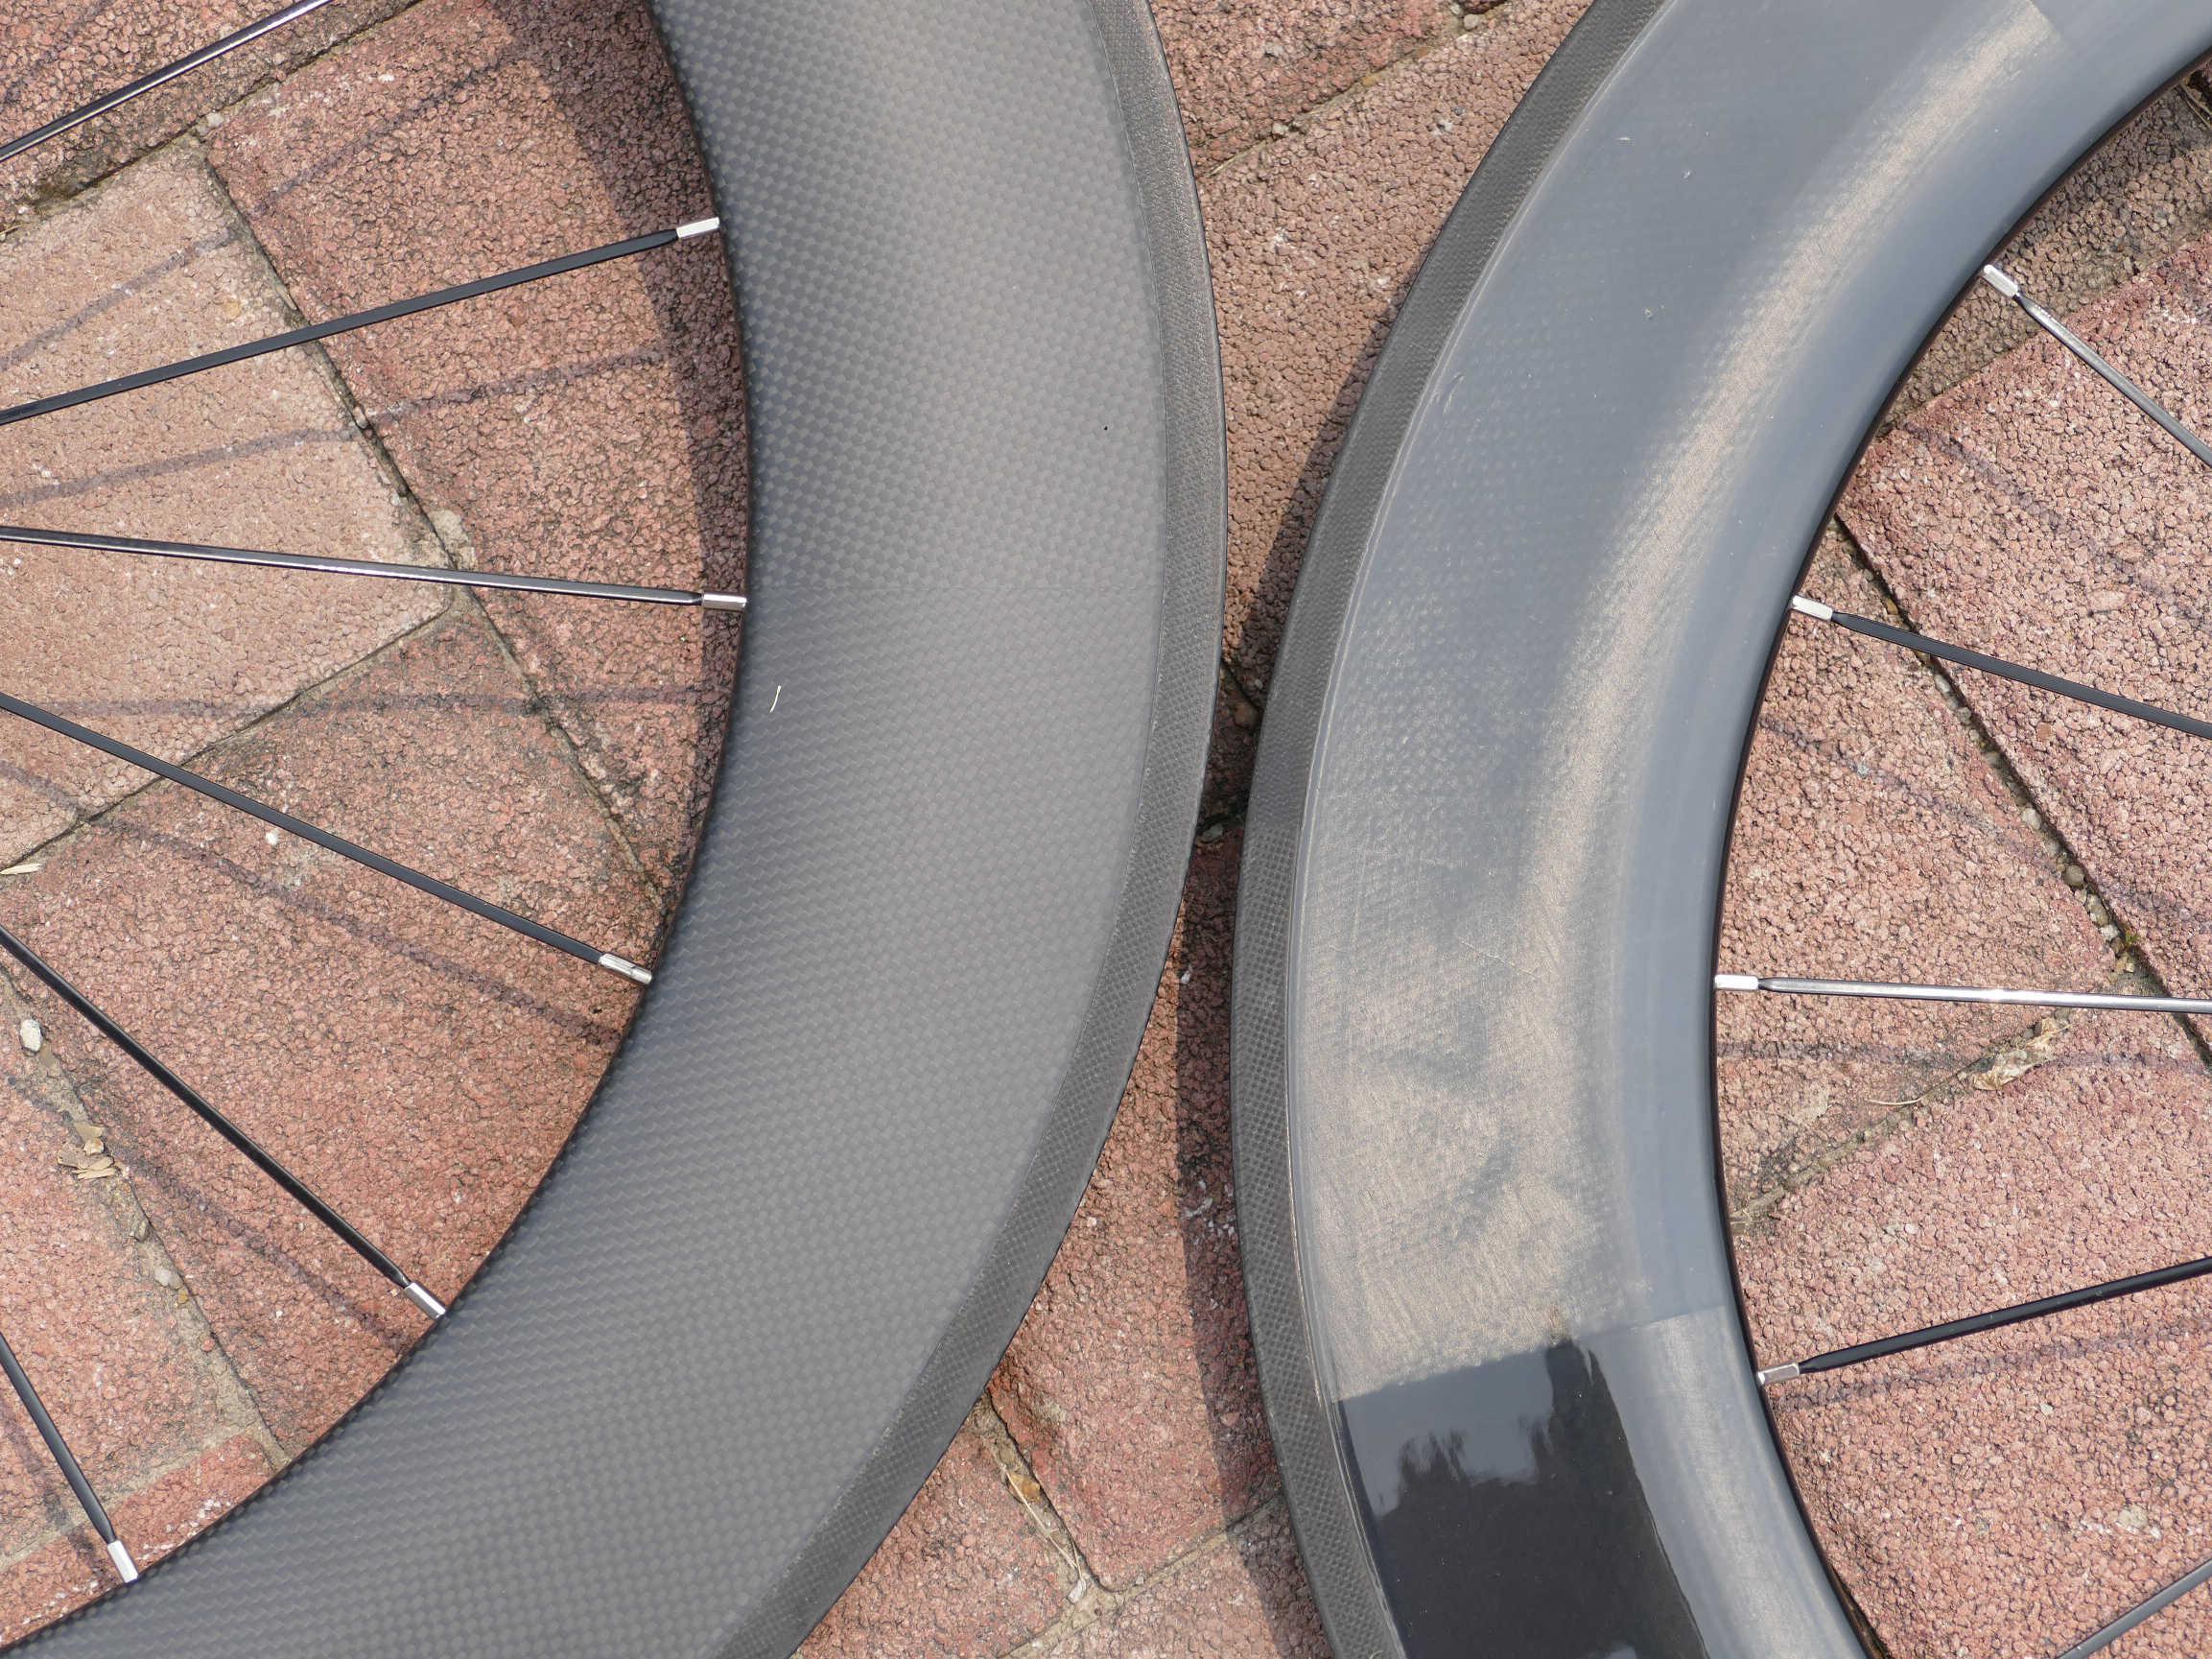 1 paio: 3K UD Completa In Fibra di Carbonio Opaco Lucido Bici Della Strada Della Graffatrice Del Wheelset 88 millimetri-larghezza 23 millimetri RUOTA di Bicicletta cerchio 700C Basalto Lato